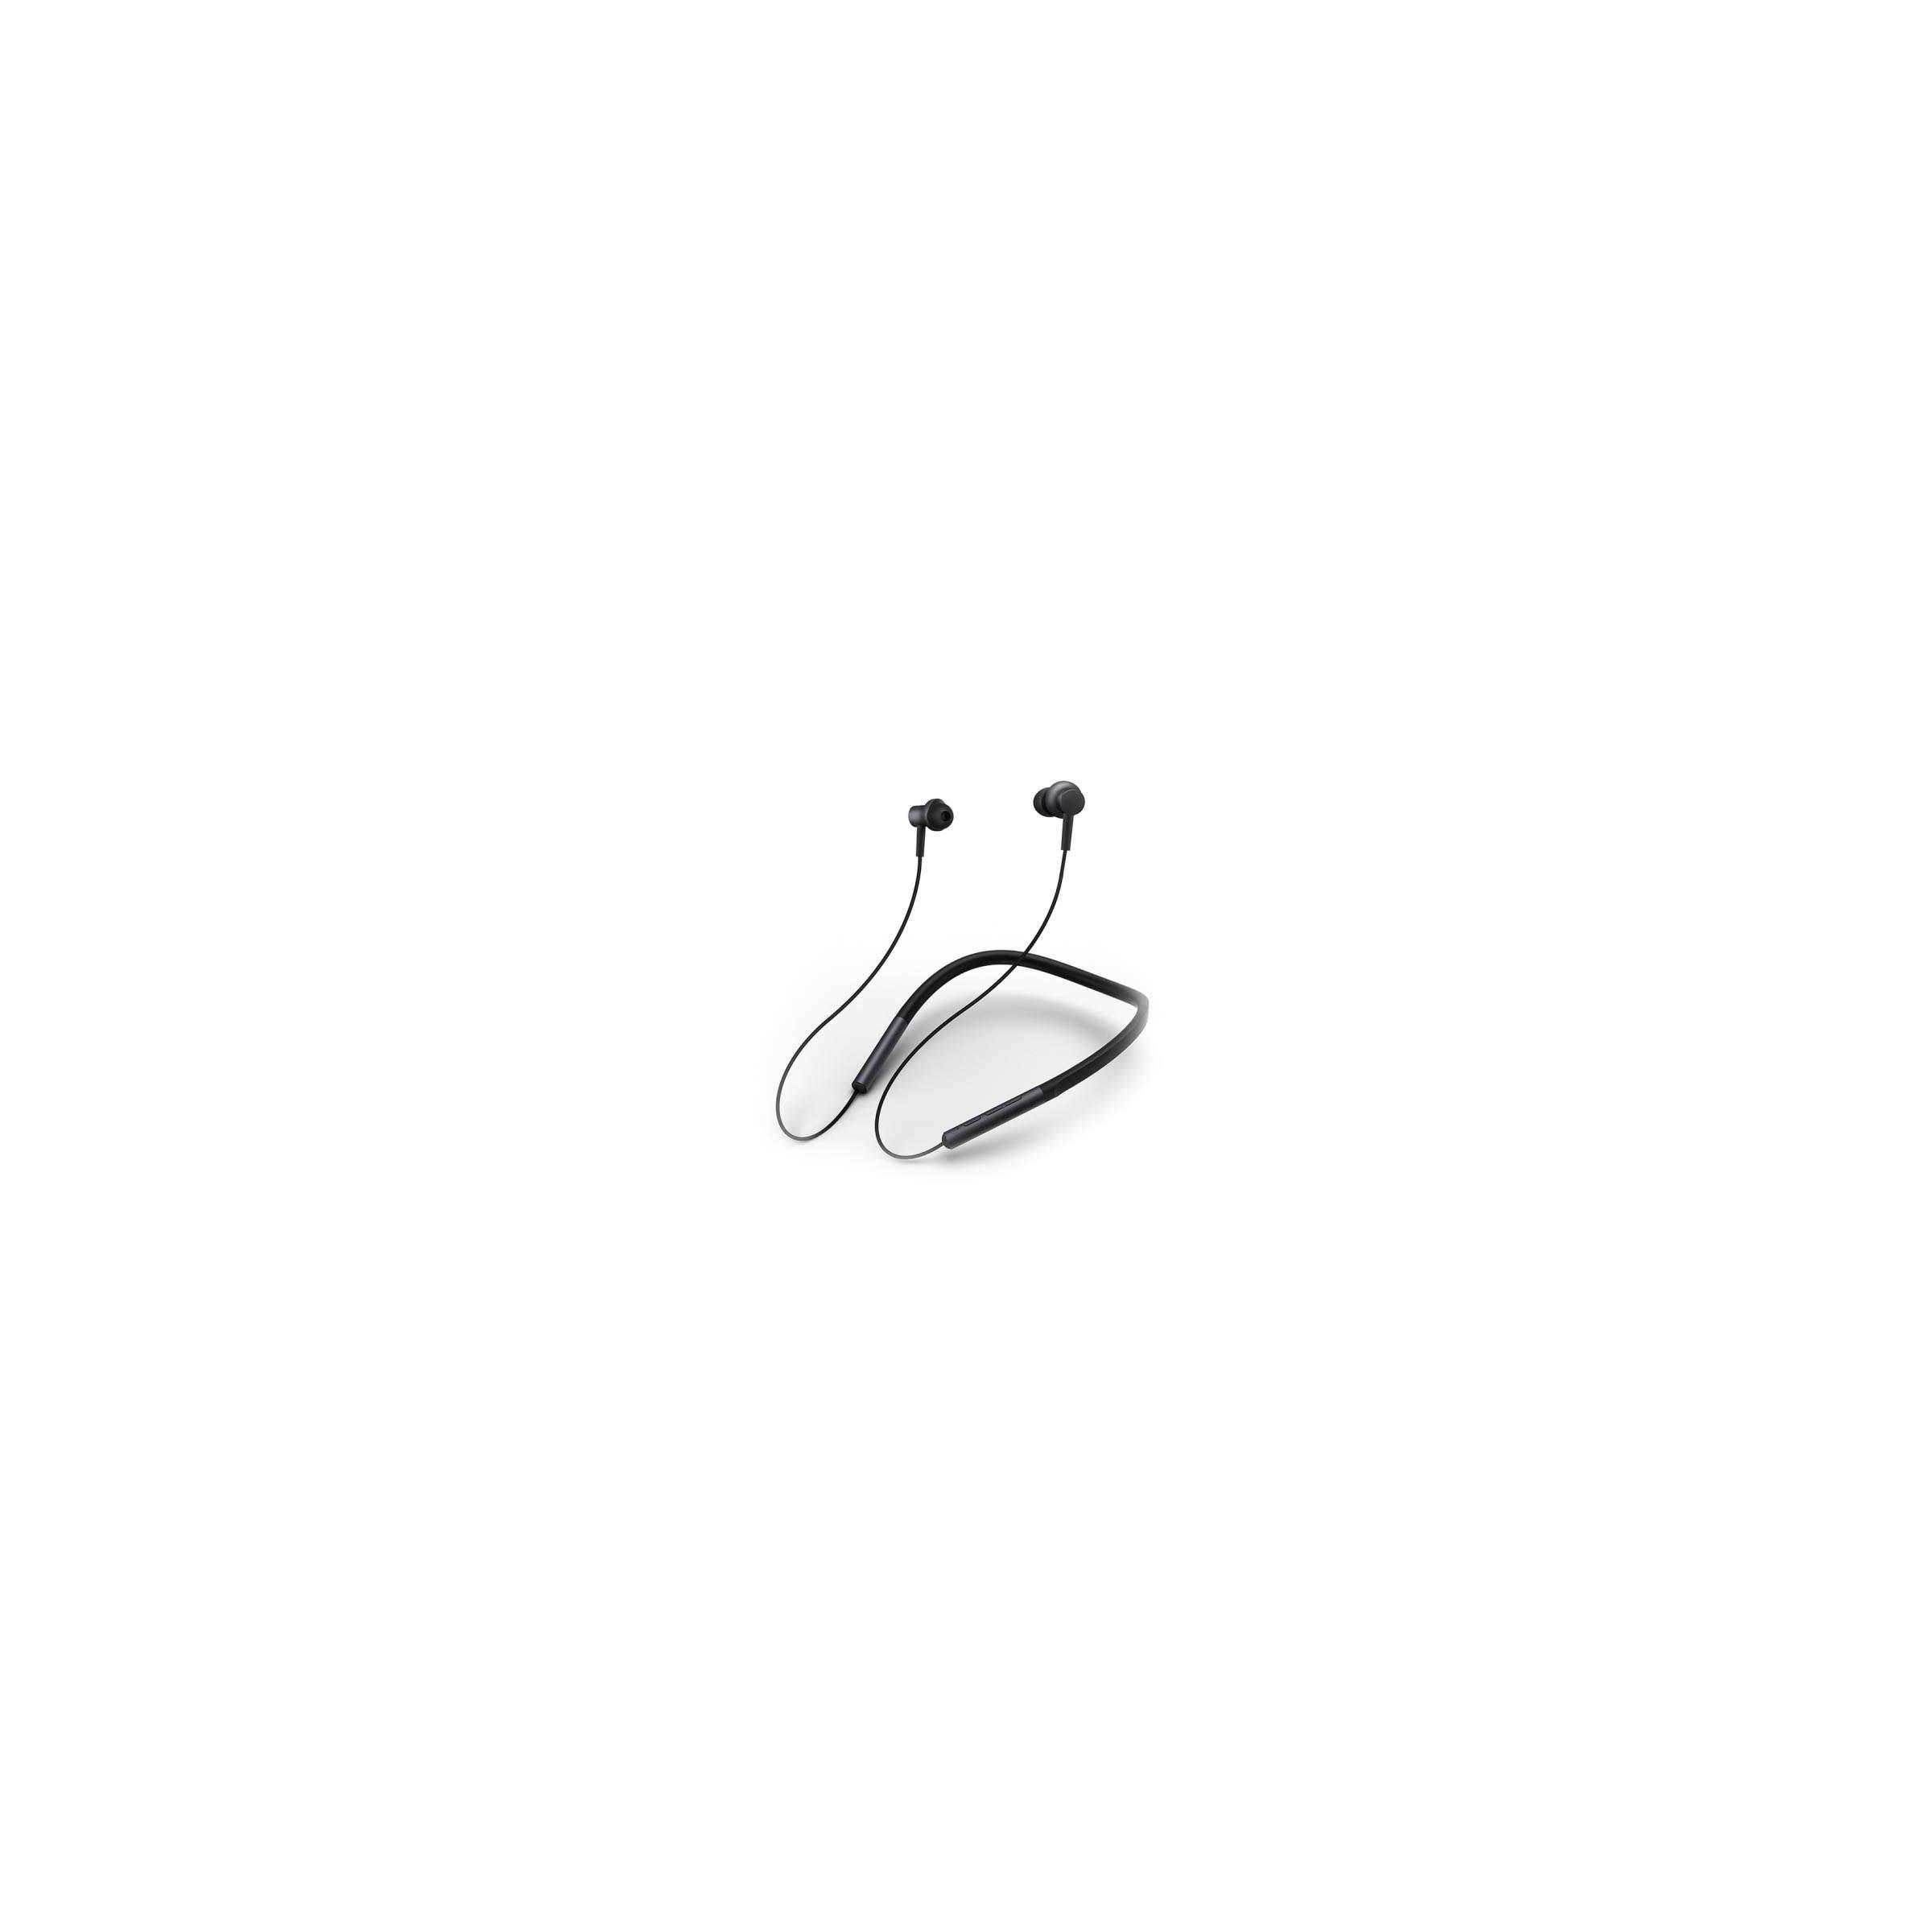 xiaomi Xiaomi piston trådløs nakke in-ear headset fra mackabler.dk